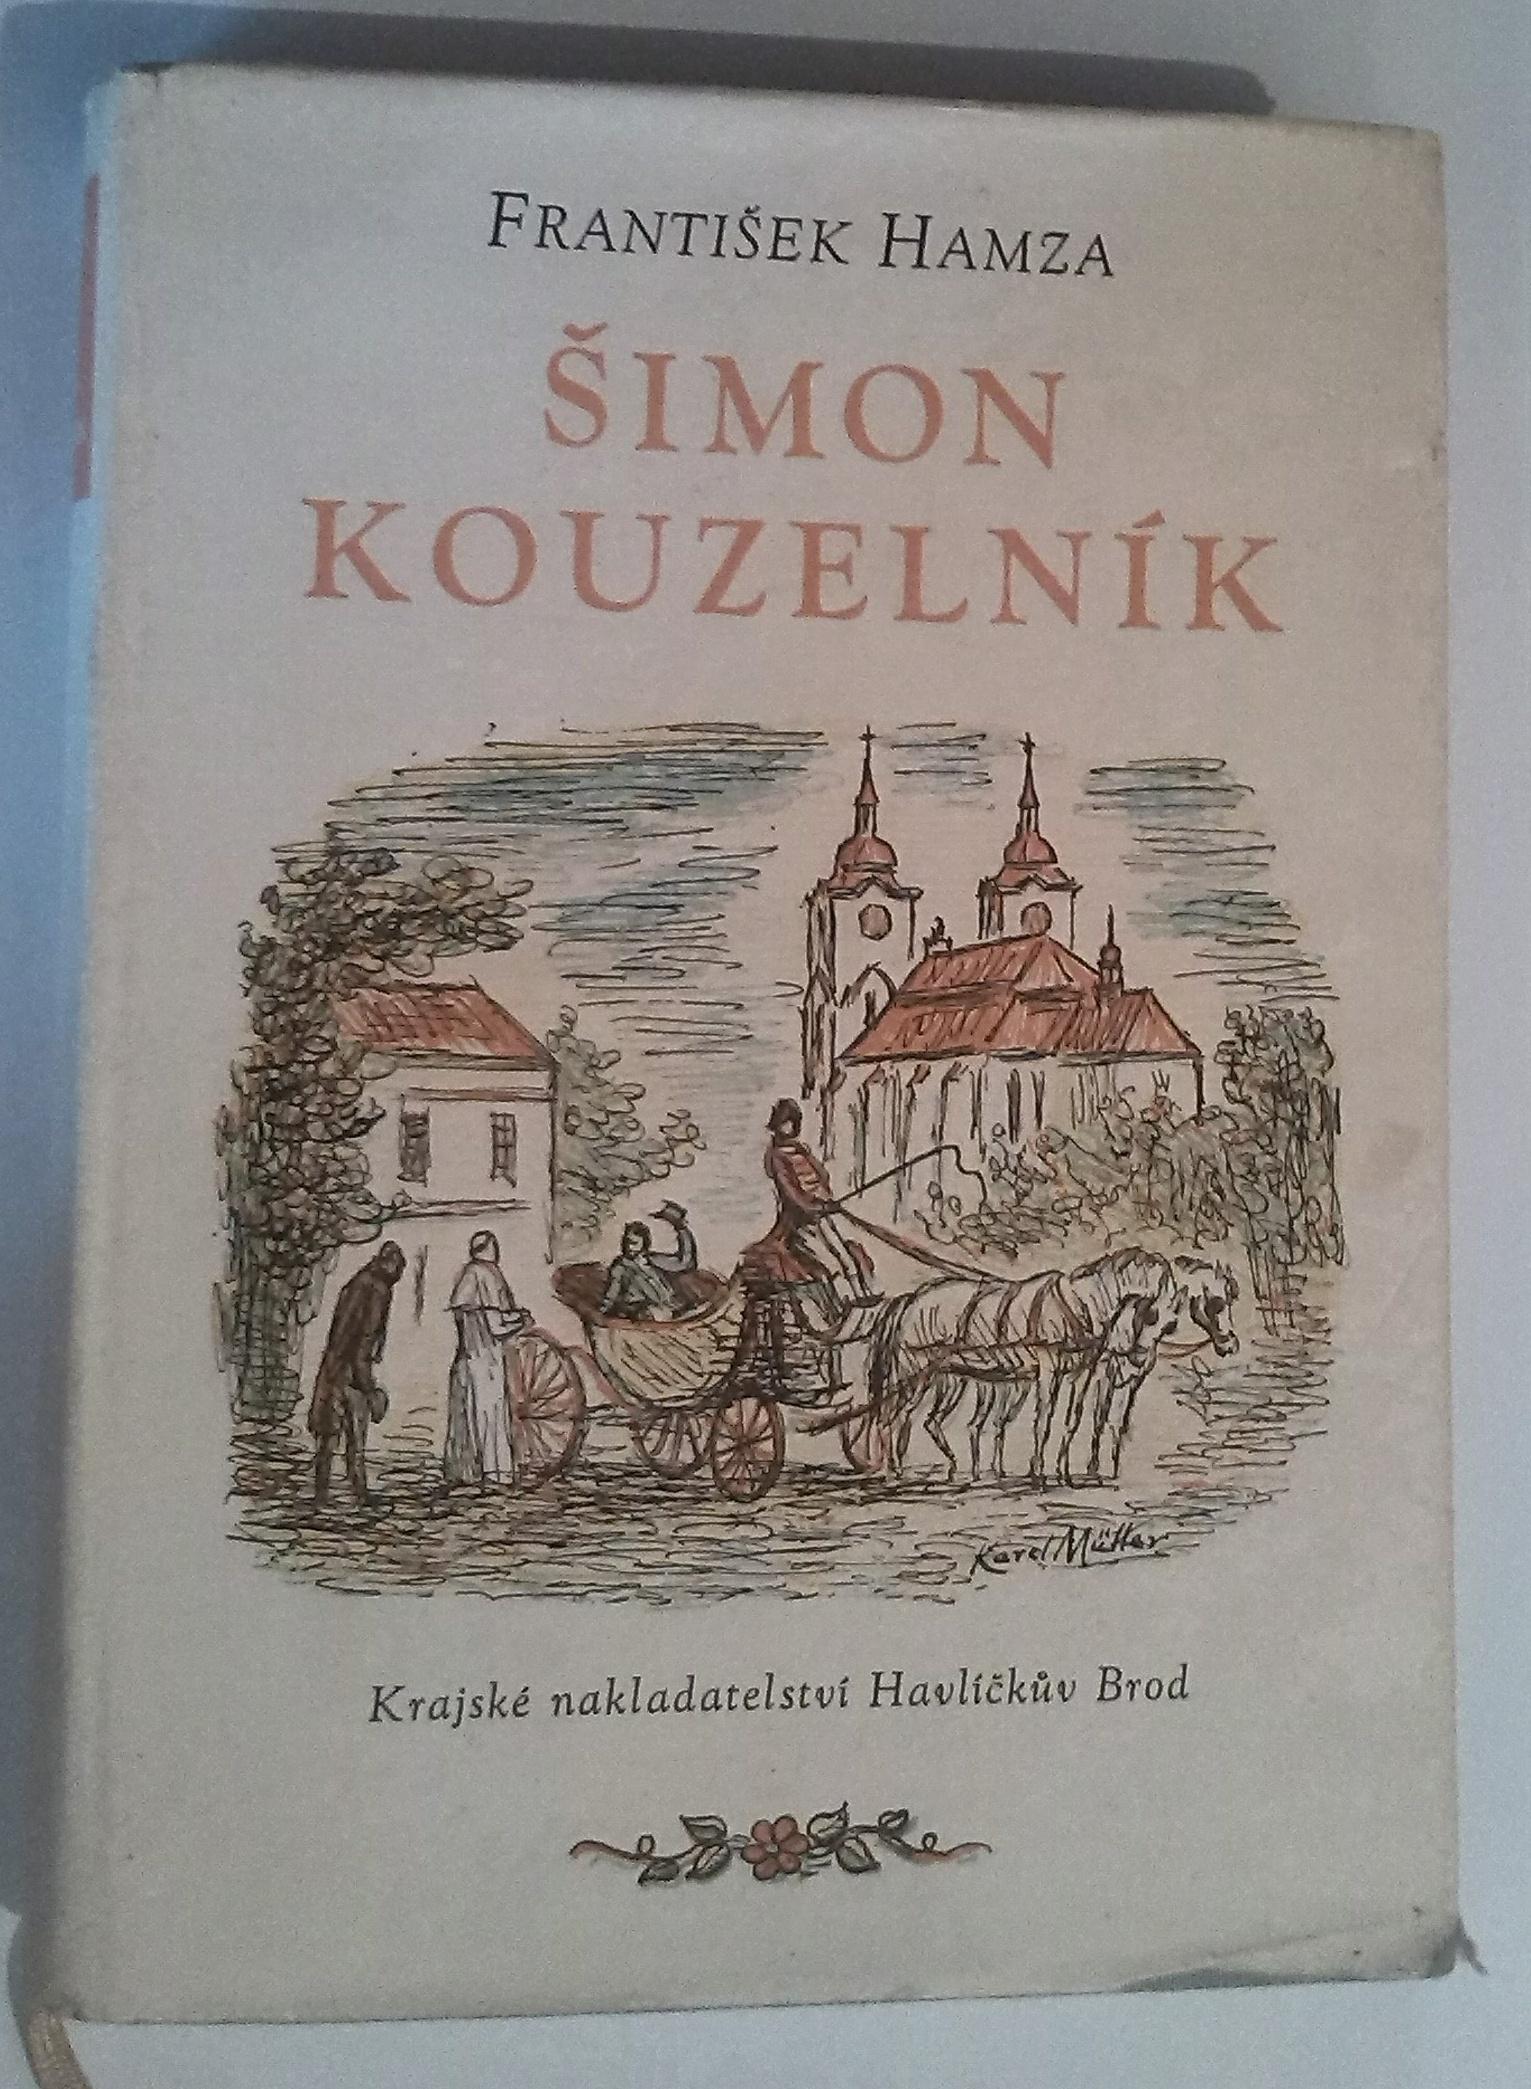 Šimon kouzelník - František Hamza